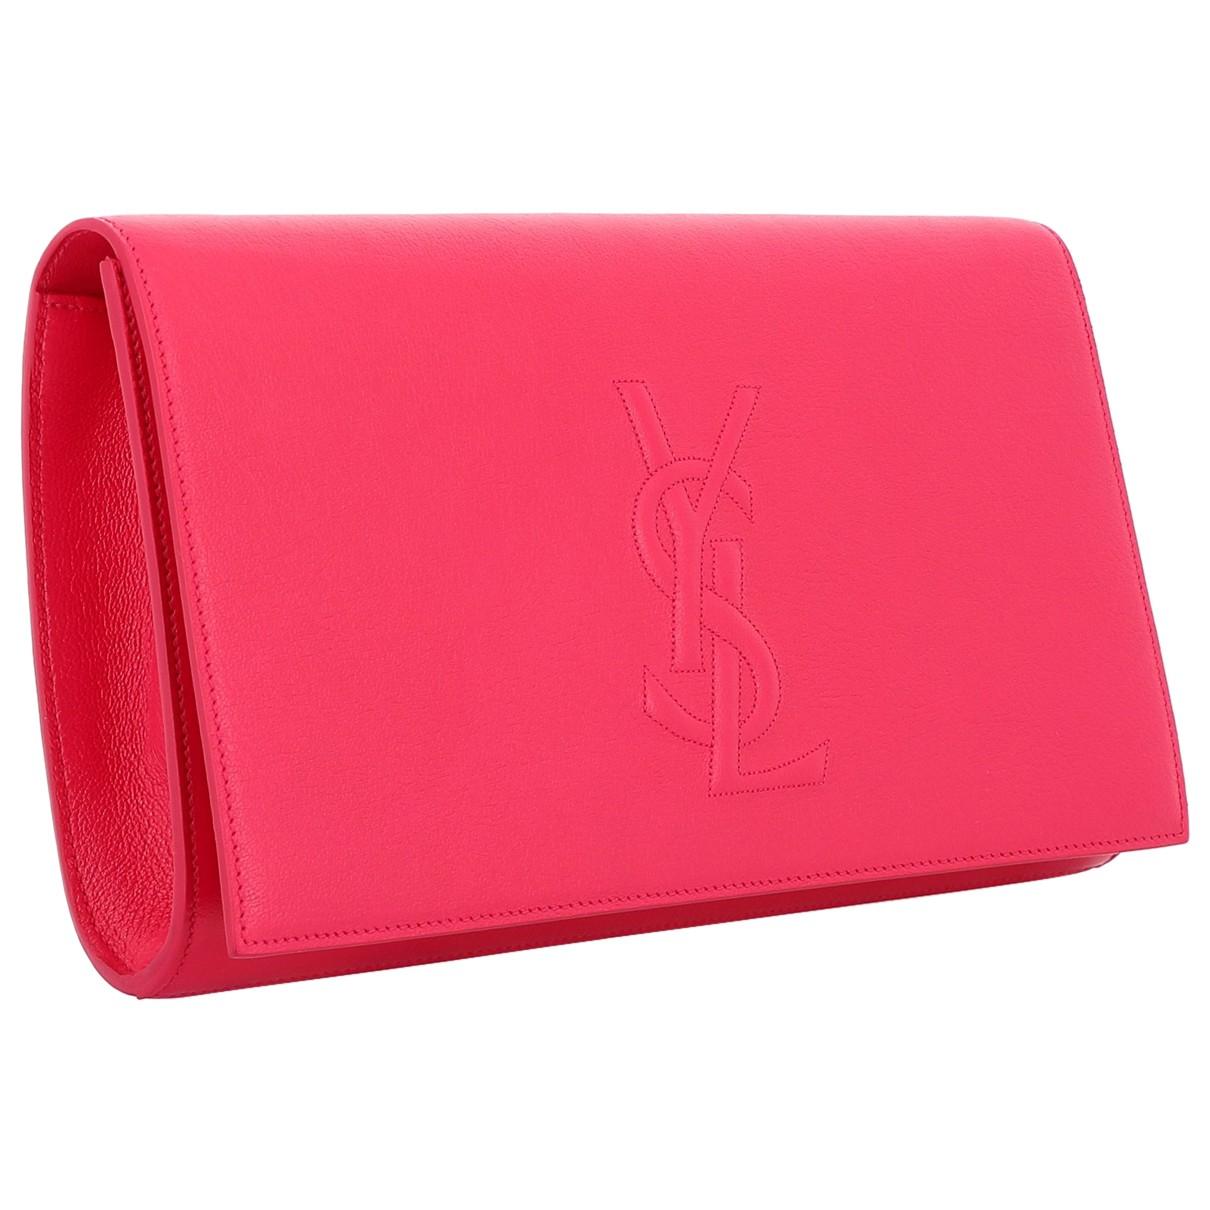 Yves Saint Laurent - Pochette Belle de Jour pour femme en cuir - rouge